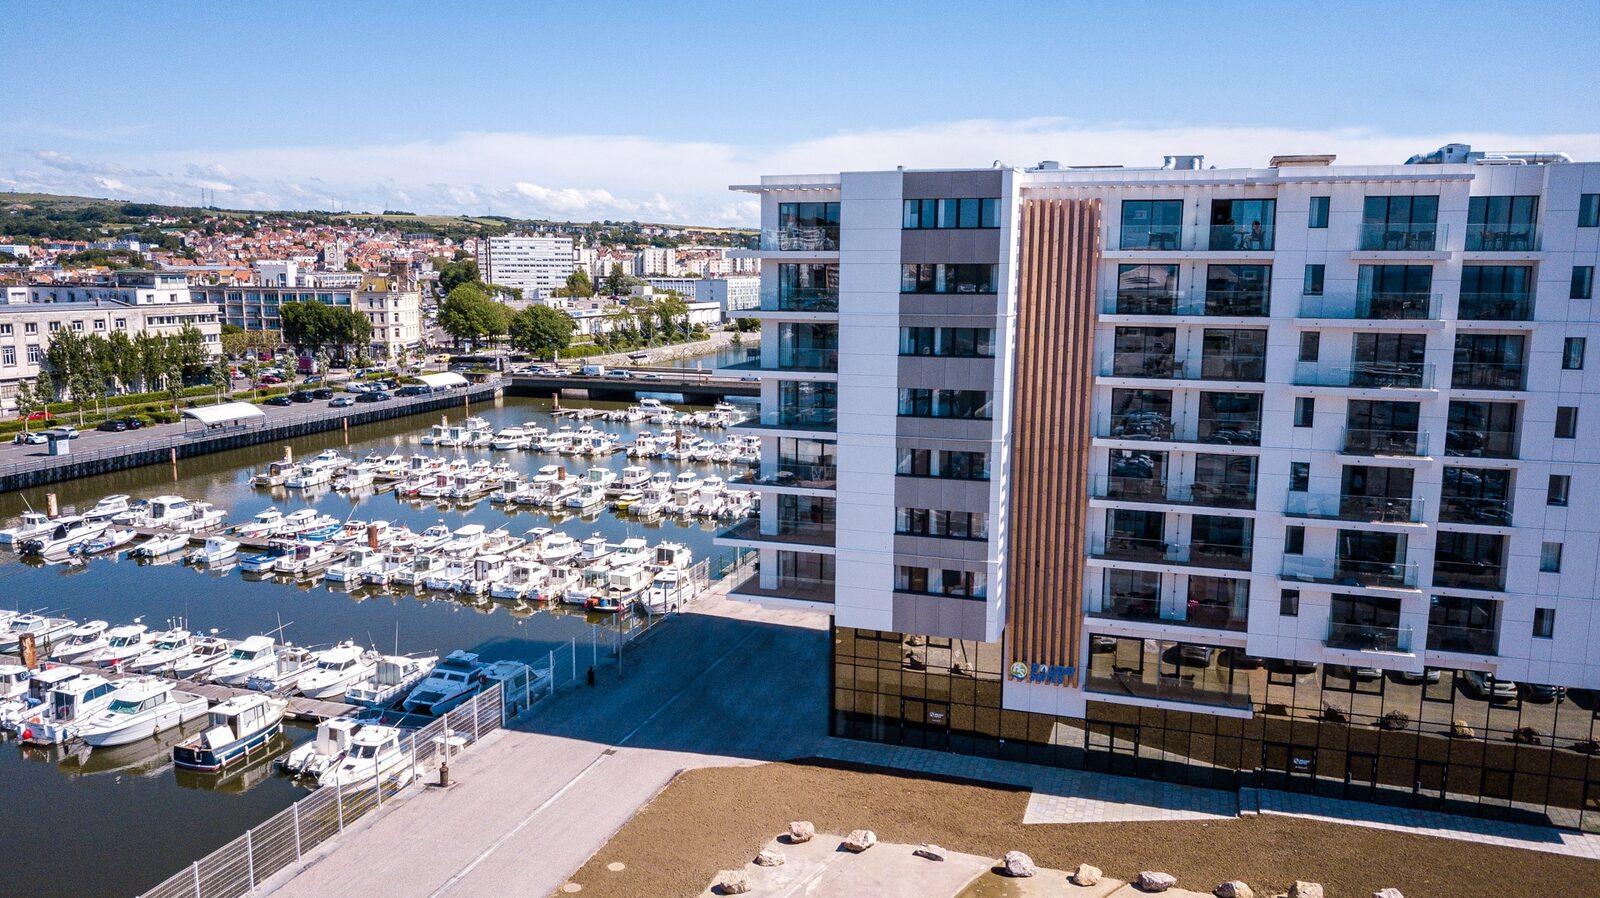 Boulogne-sur-Mer (offline)